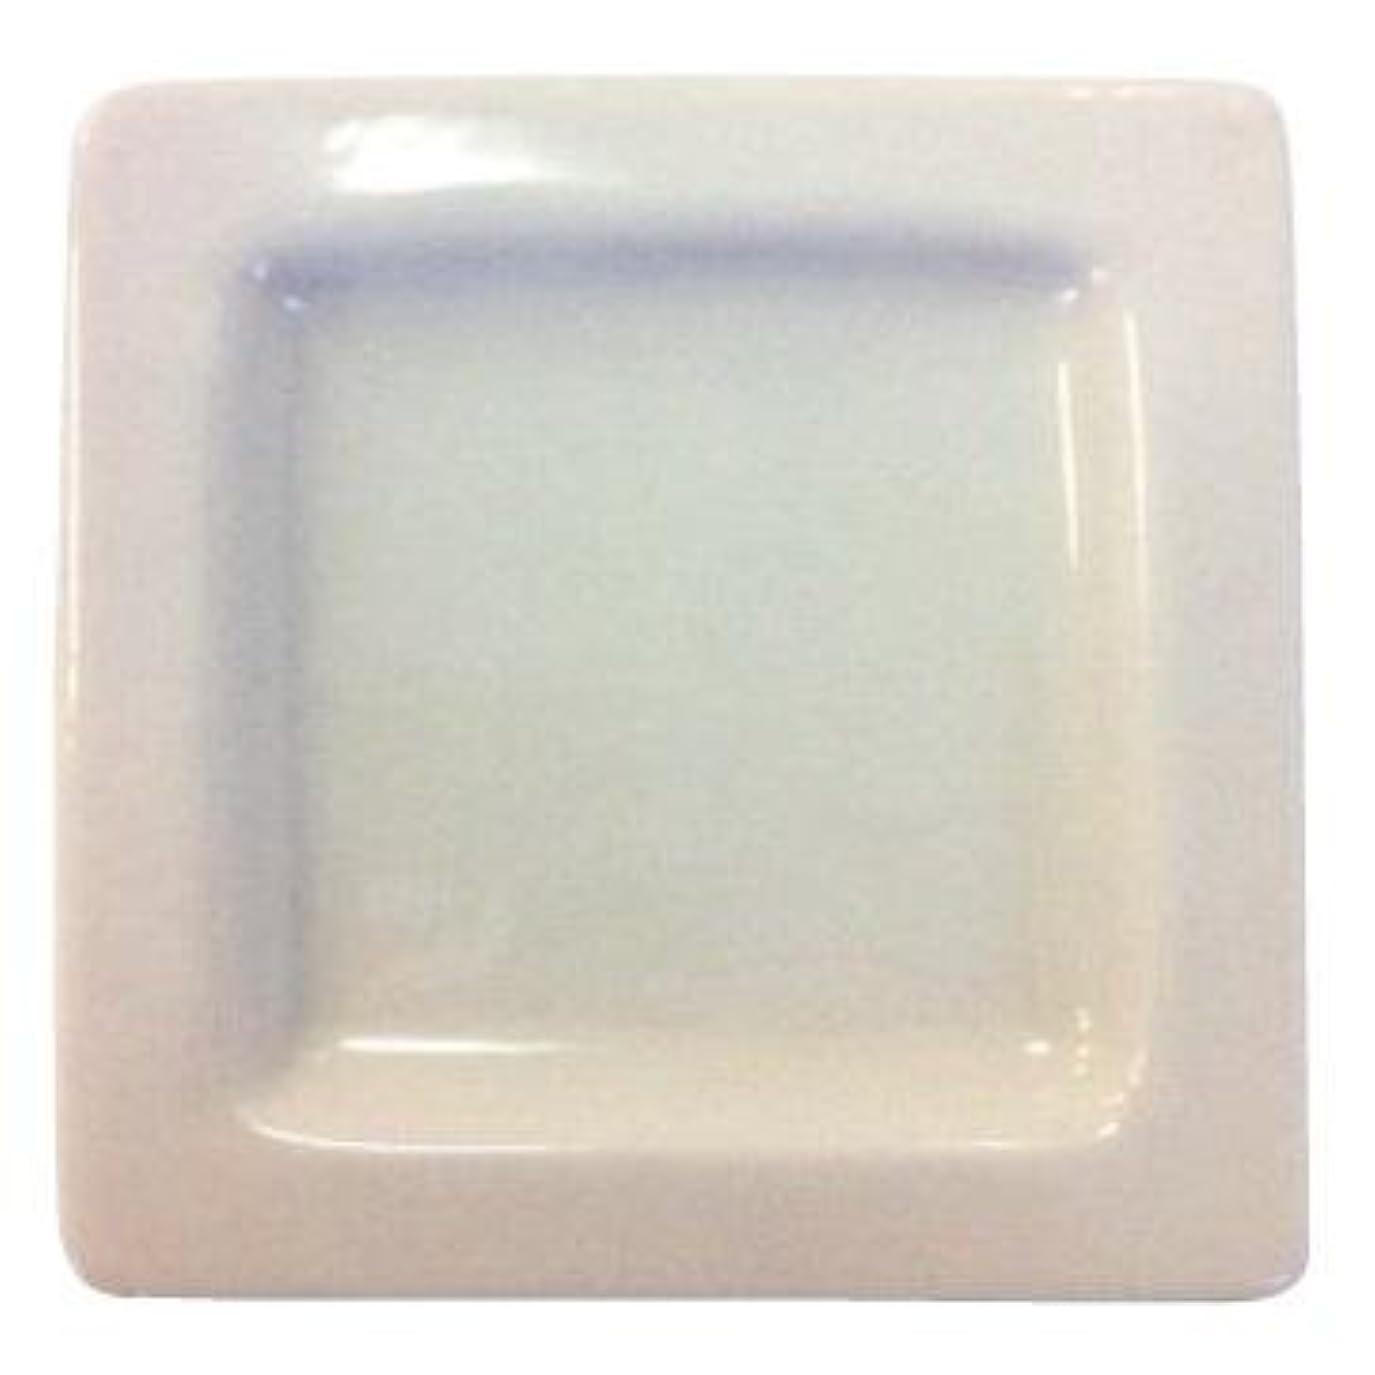 ウェイトレス離すダンプ生活の木 アロマランプL アイビー用精油皿(上皿)